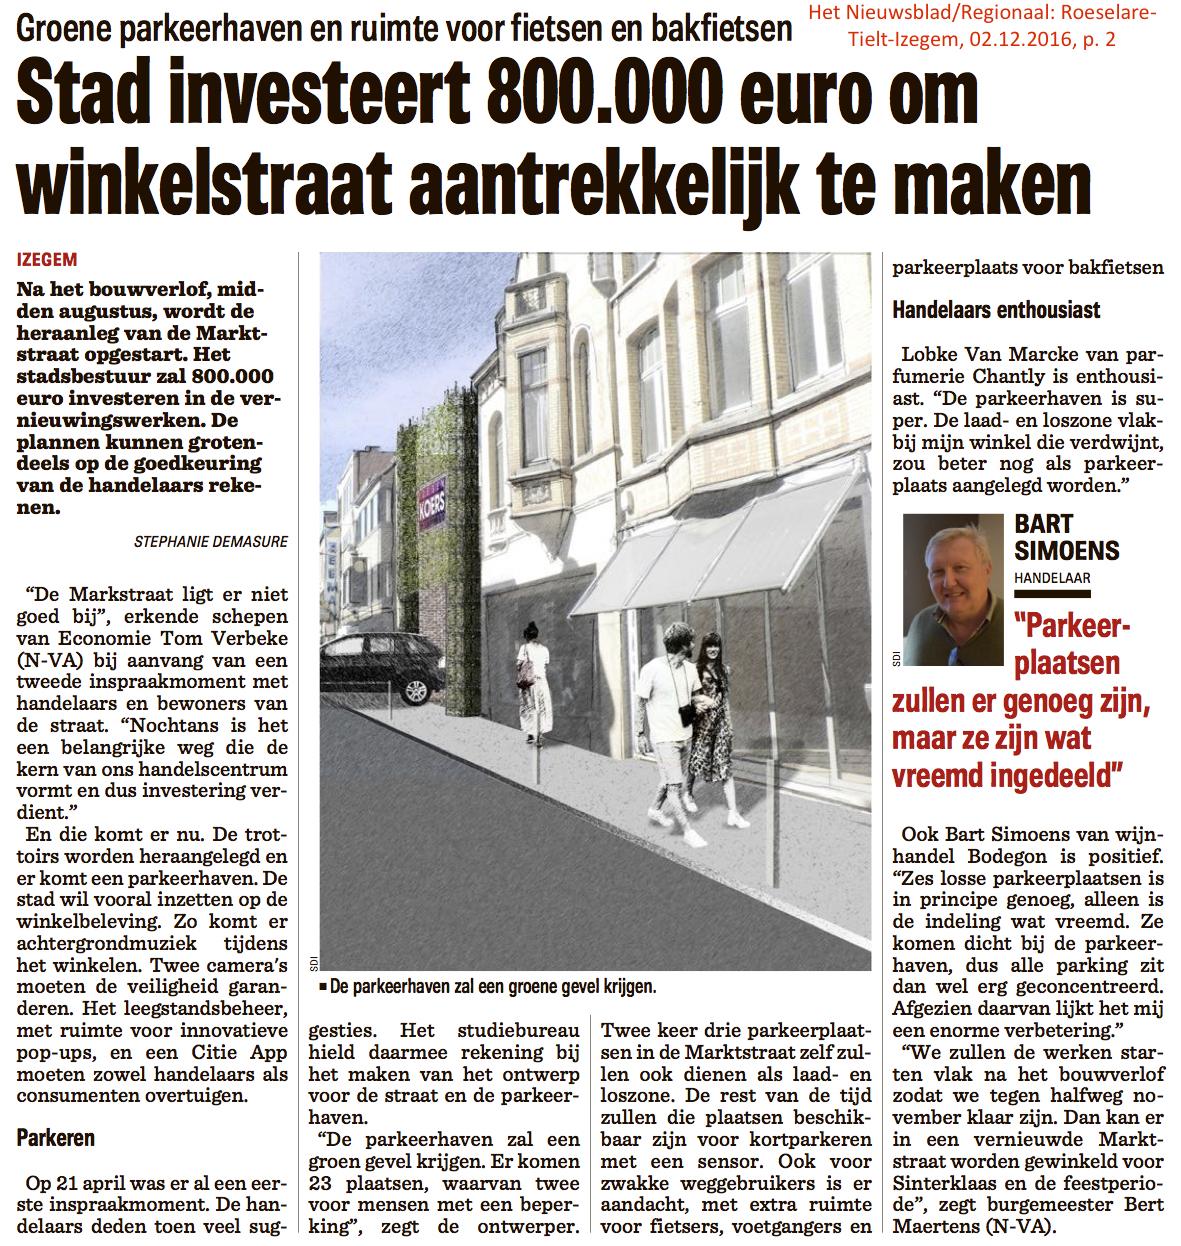 Het Nieuwsblad/Regionaal: Roeselare-Tielt-Izegem, 02.12.2016, p. 2